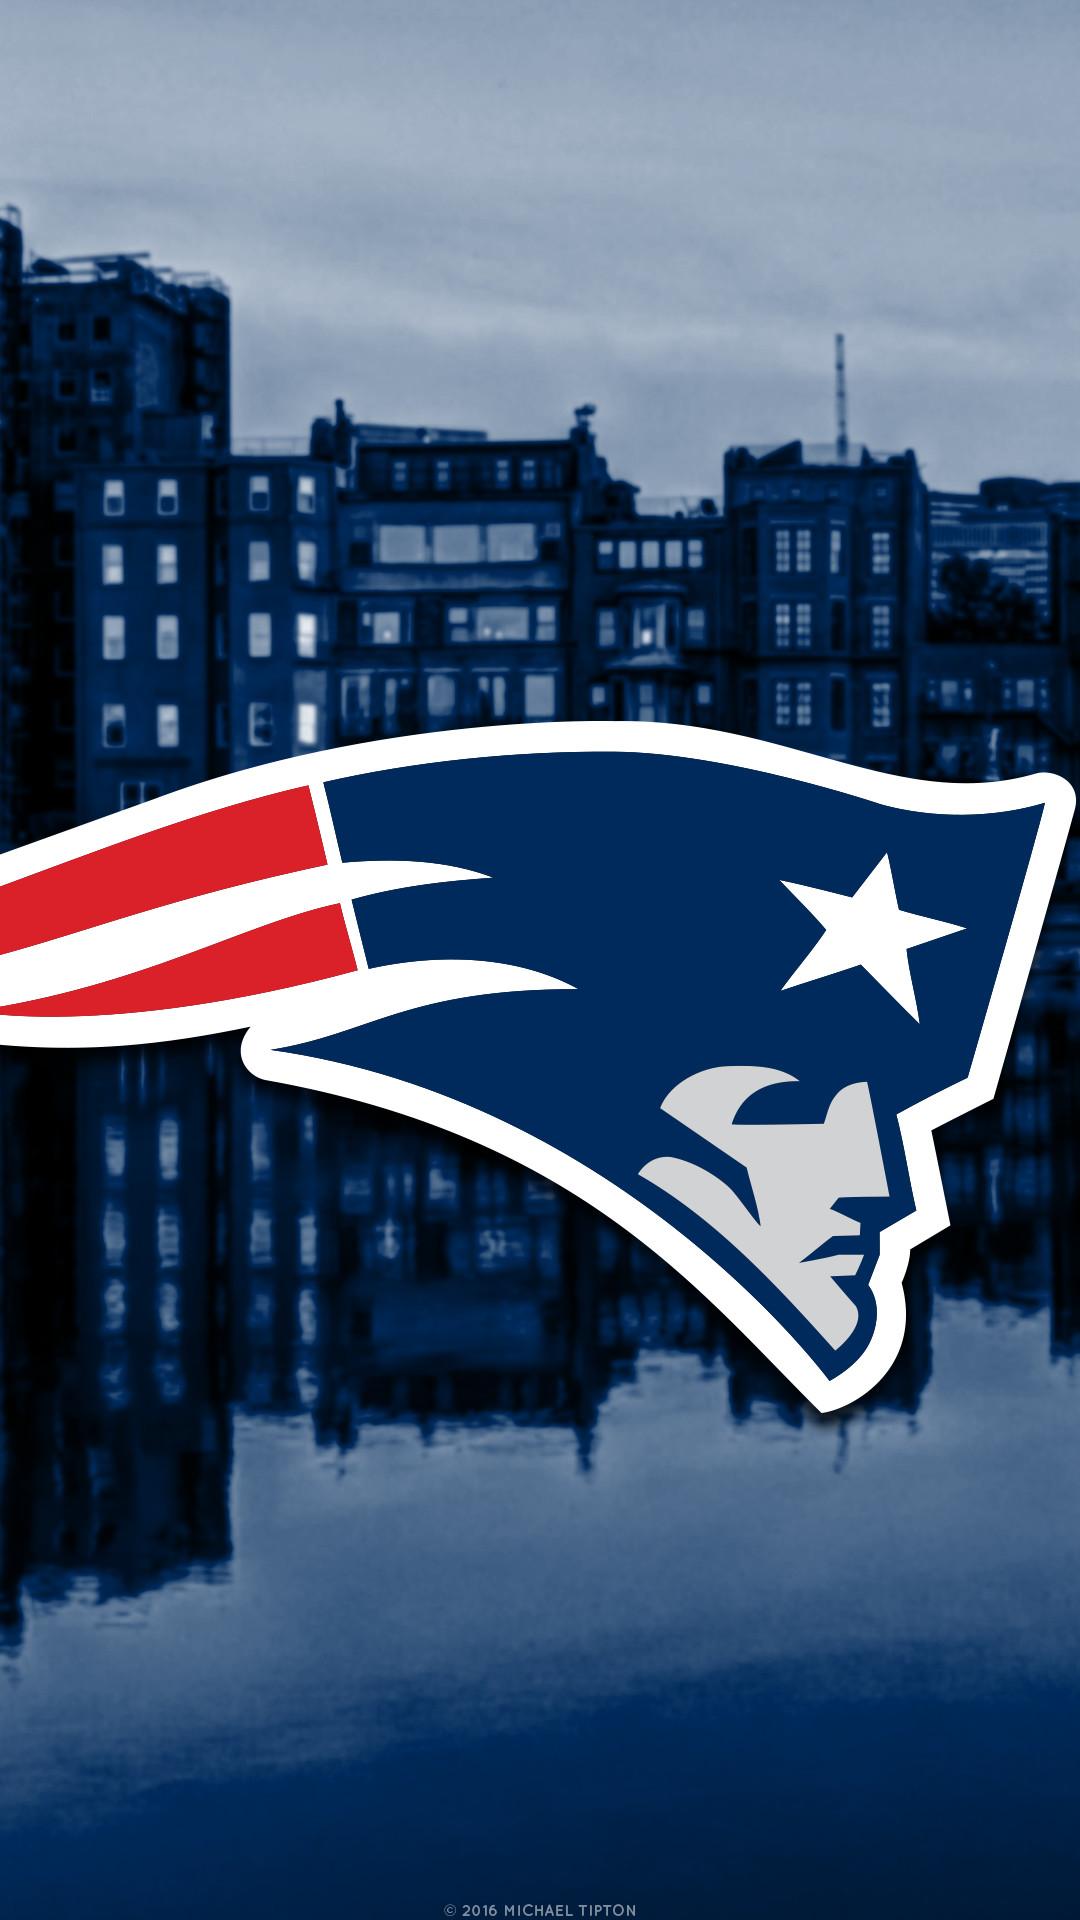 New England Patriots Screensaver Wallpaper 68 images 1080x1920